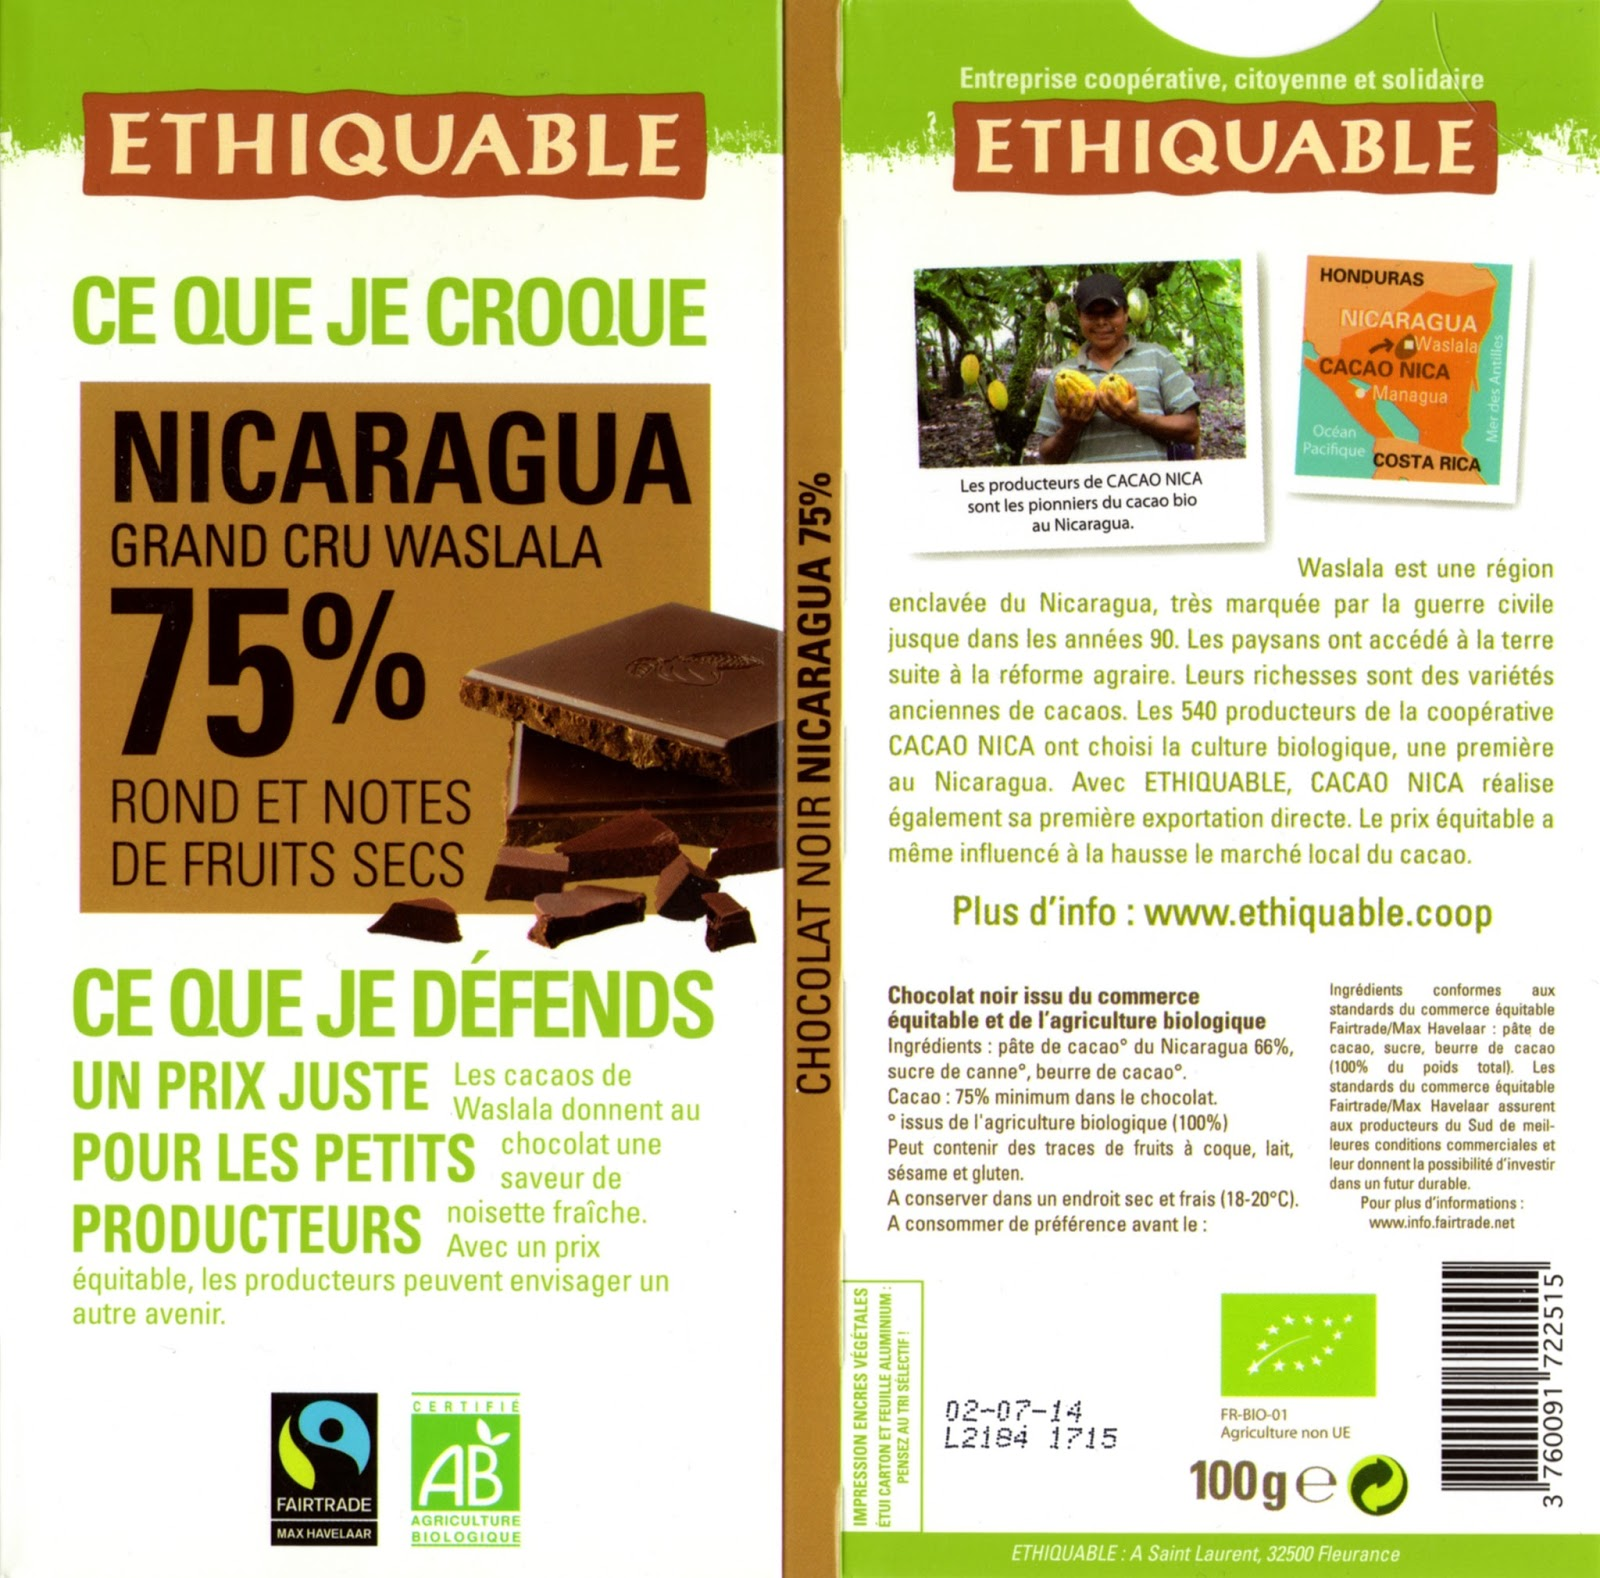 tablette de chocolat noir dégustation ethiquable nicaragua grand cru waslala 75